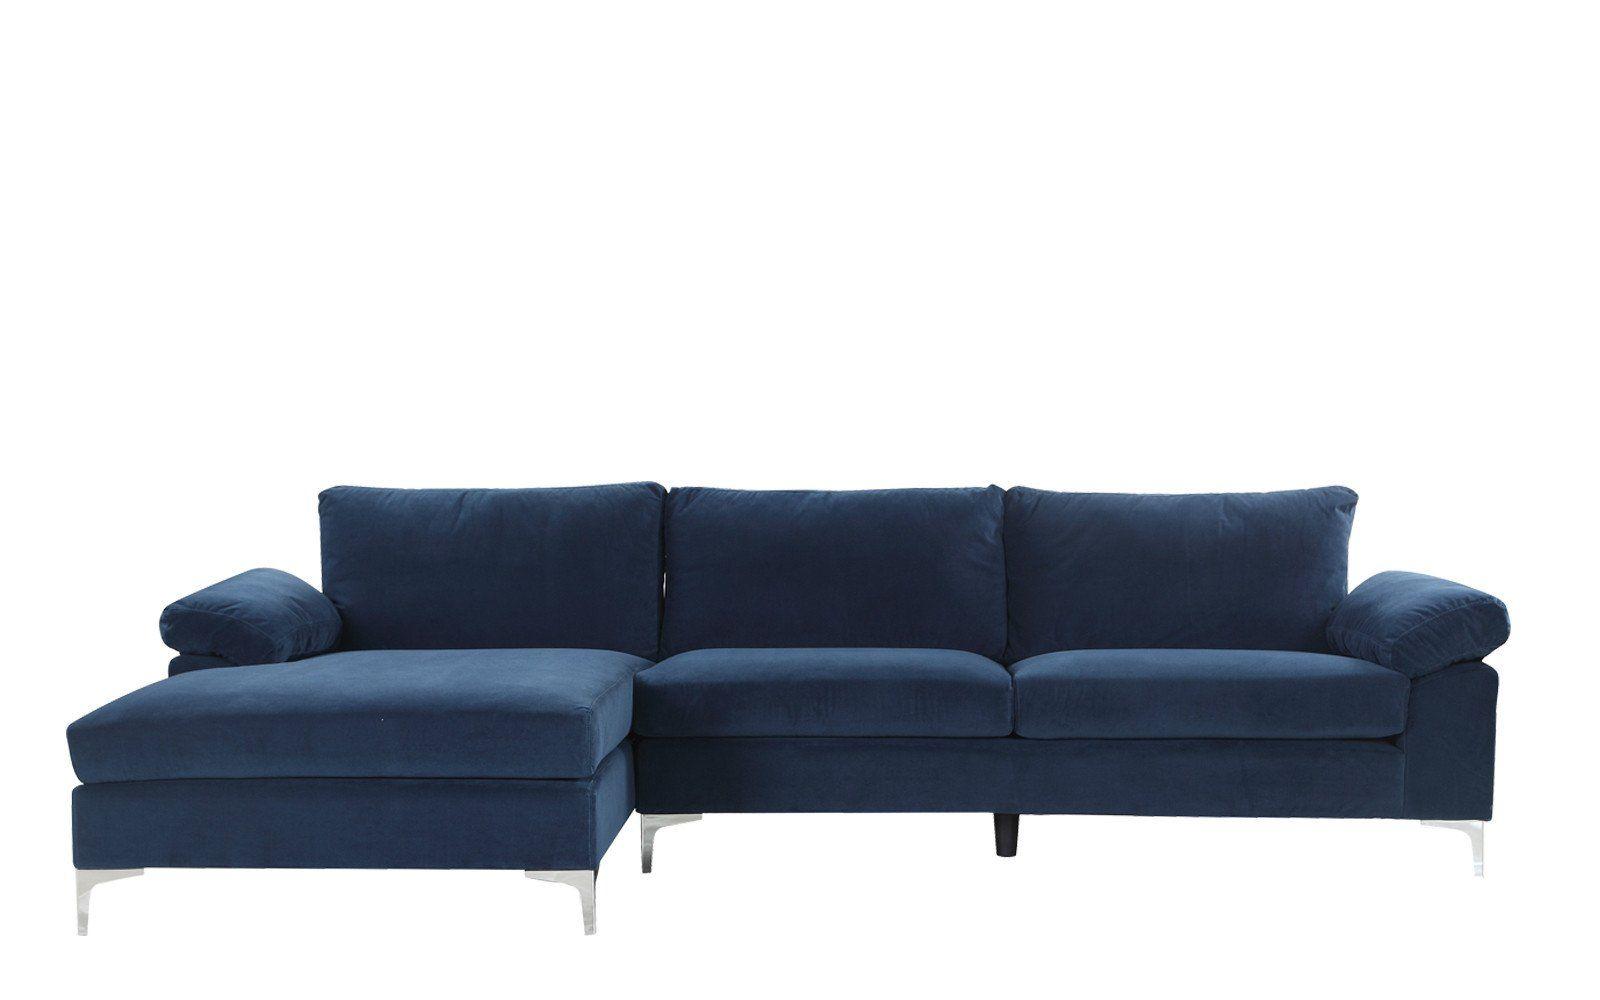 Amanda Modern Velvet Large Sectional Sofa In Navy